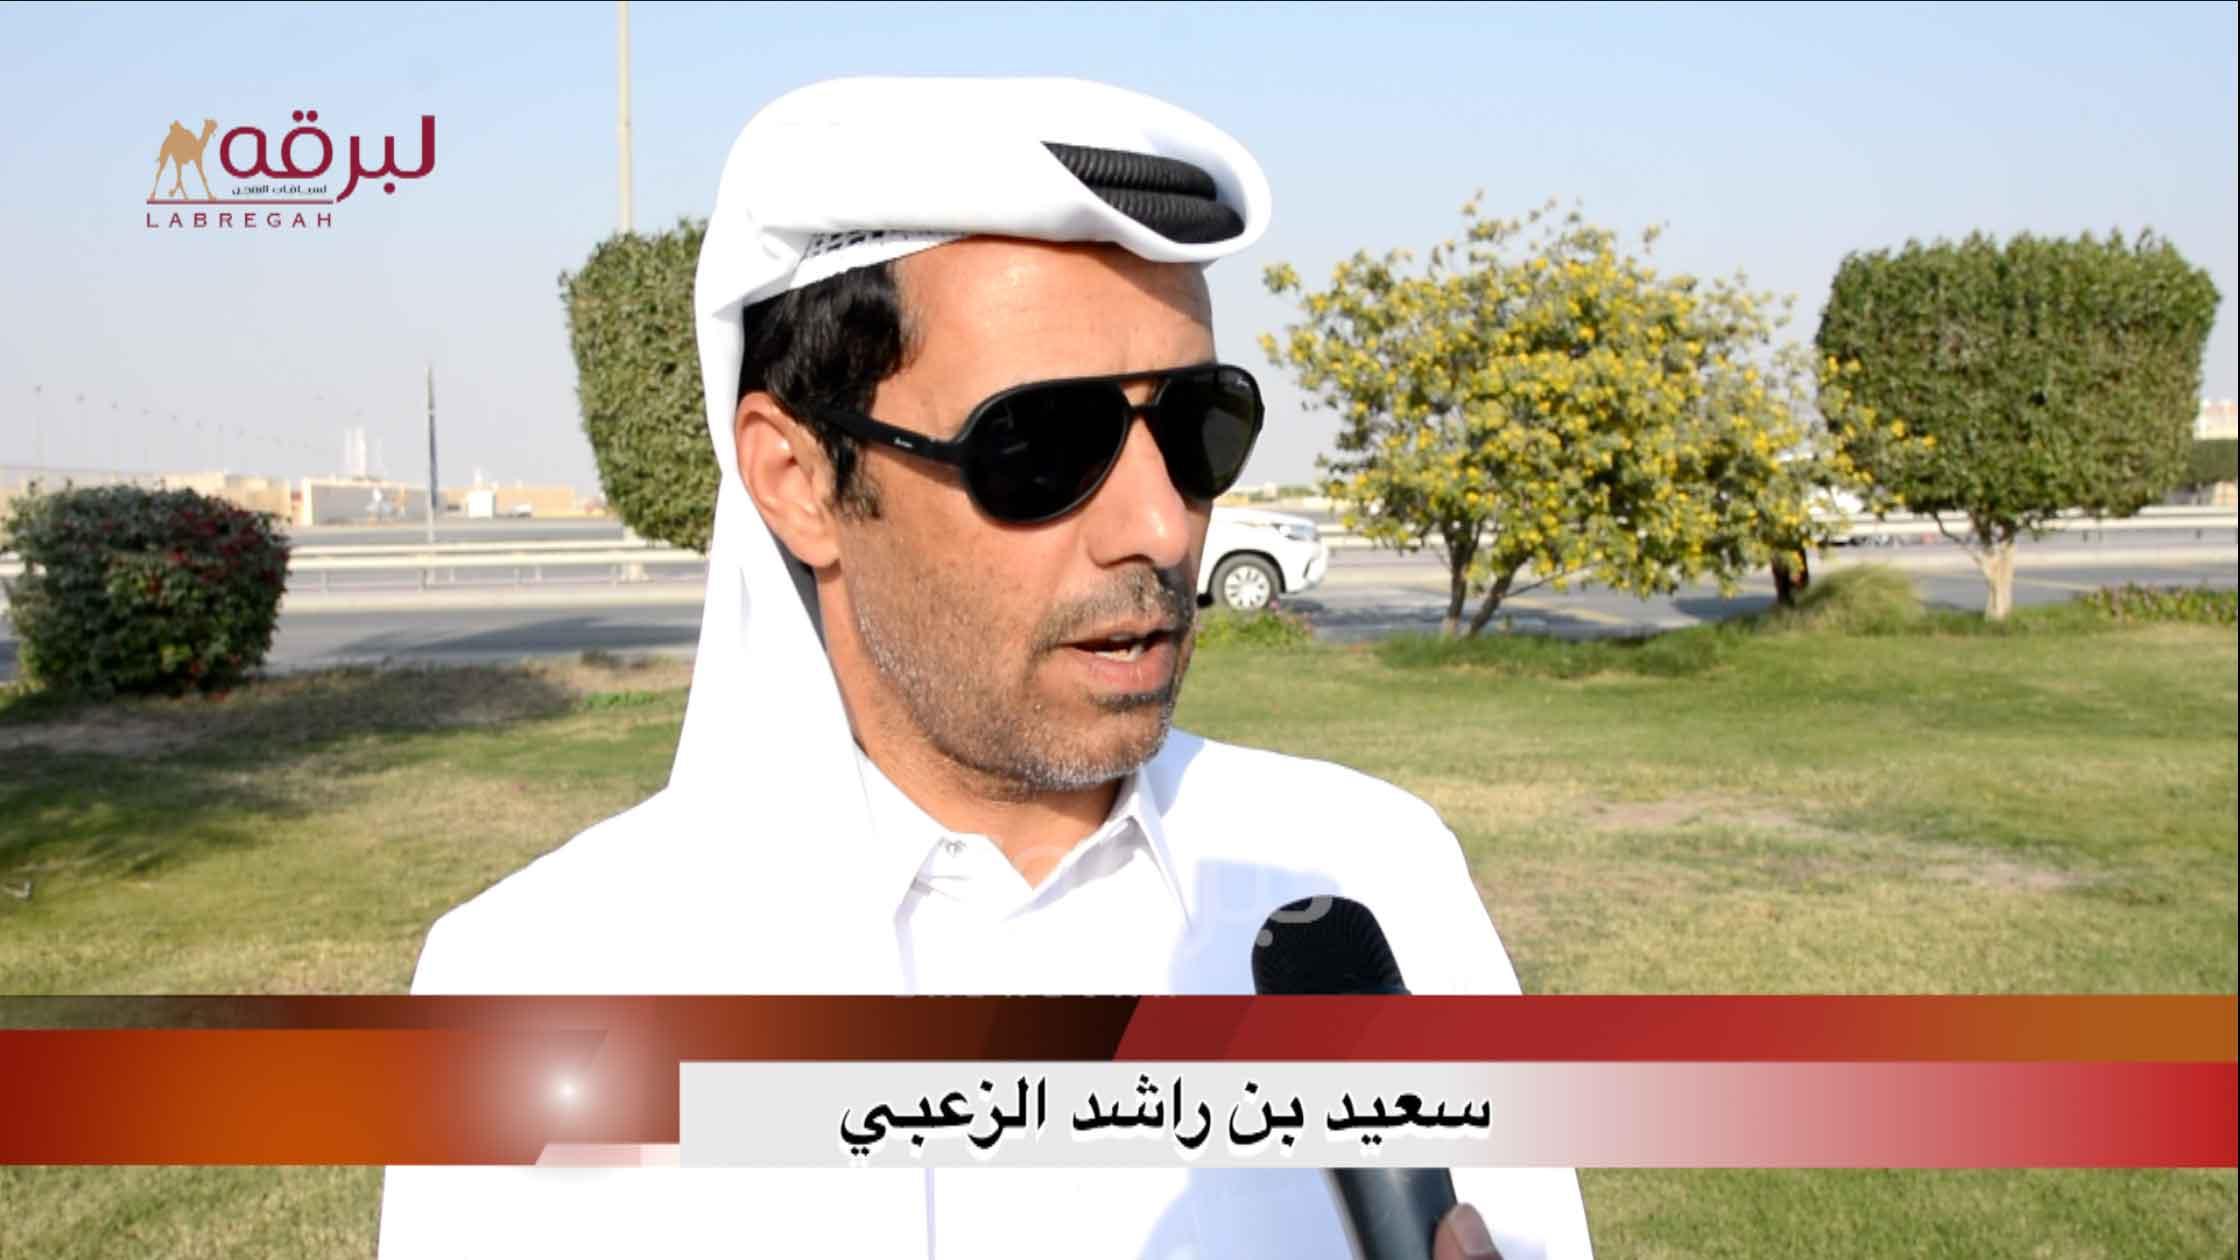 لقاء مع سعيد بن راشد الزعبي.. الخنجر الذهبي لقايا قعدان « عمانيات » الأشواط المفتوحة  ١٨-١-٢٠٢١